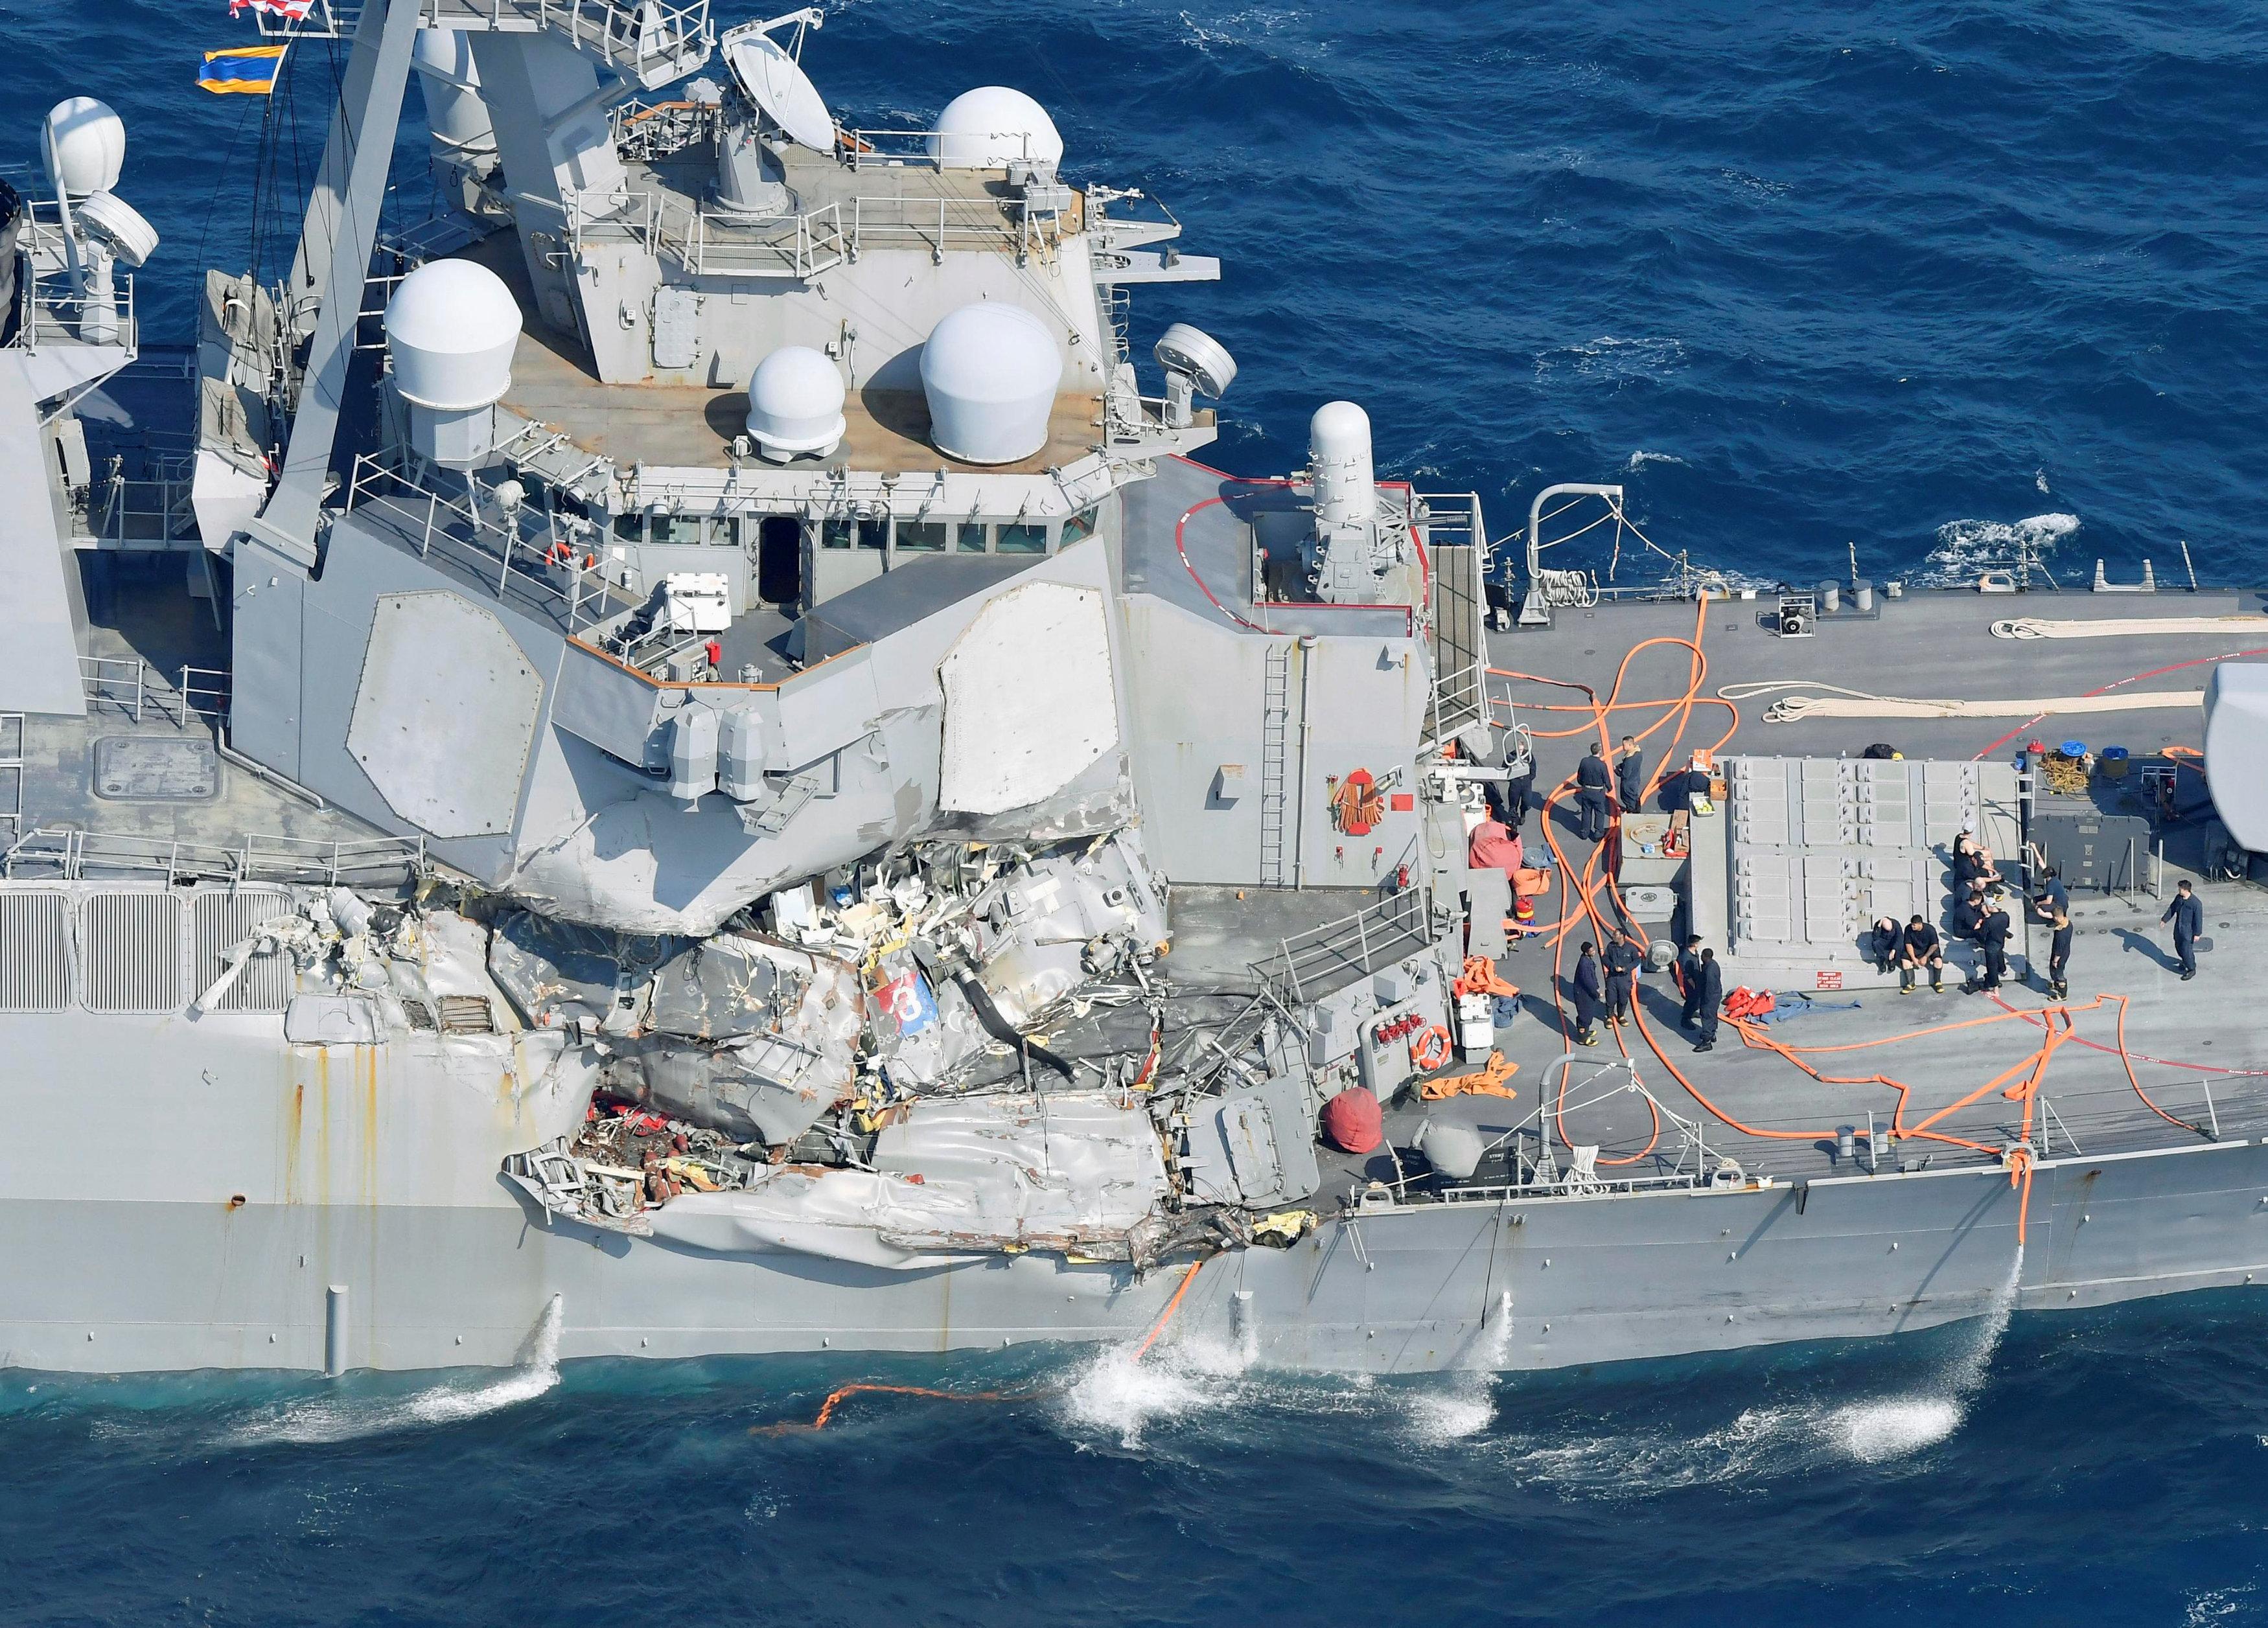 المدمرة الأمريكية بعد اصطدامها بسفينة تجارية قرب اليابان